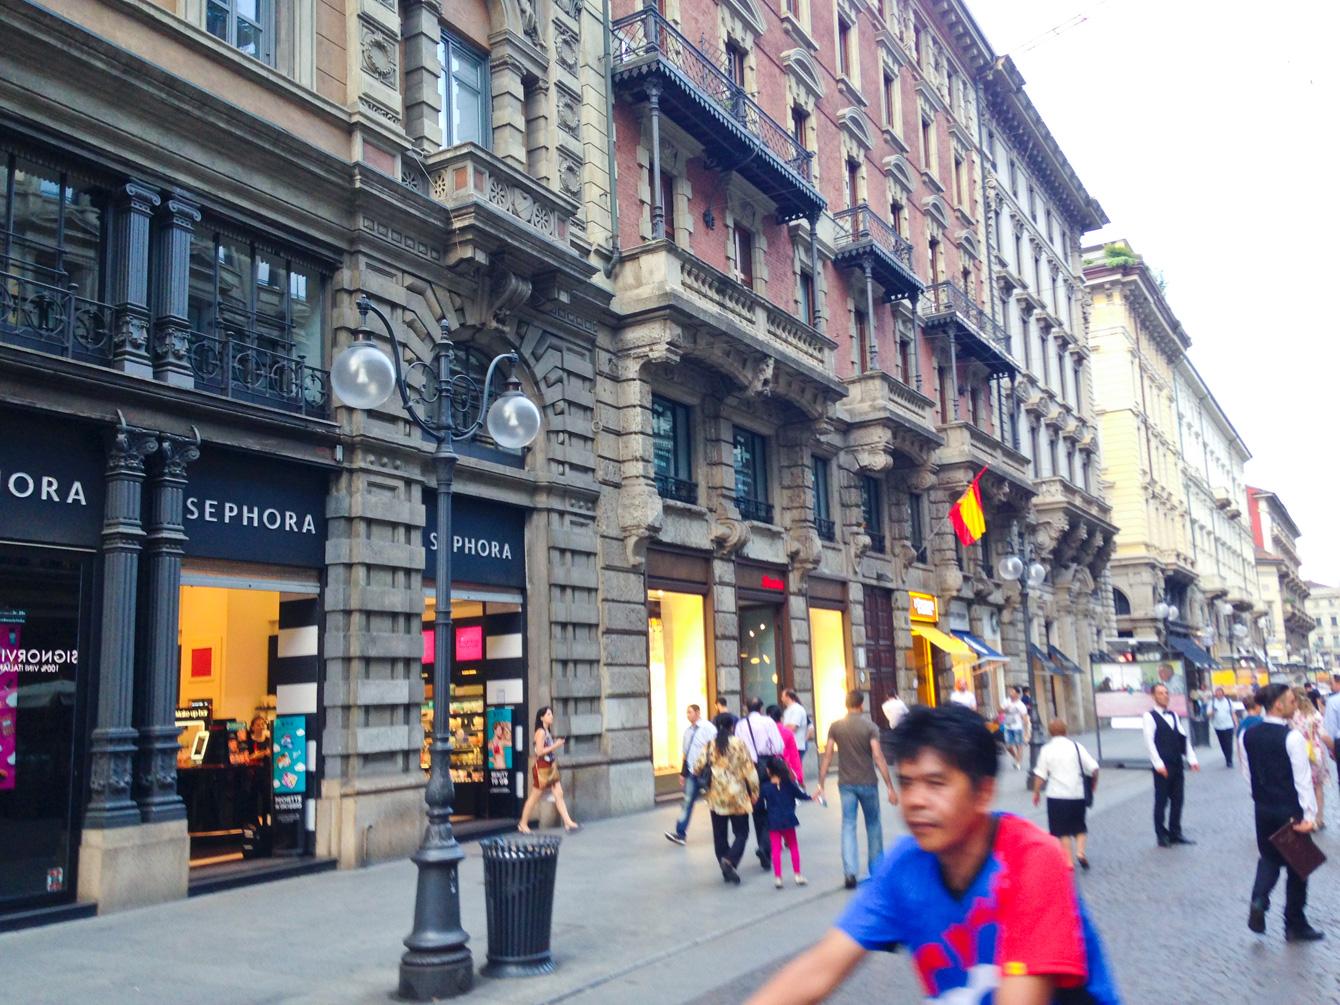 ミラノ市内の街並み。一階に店舗、二階より上は事務所や住居などで使われているらしい。